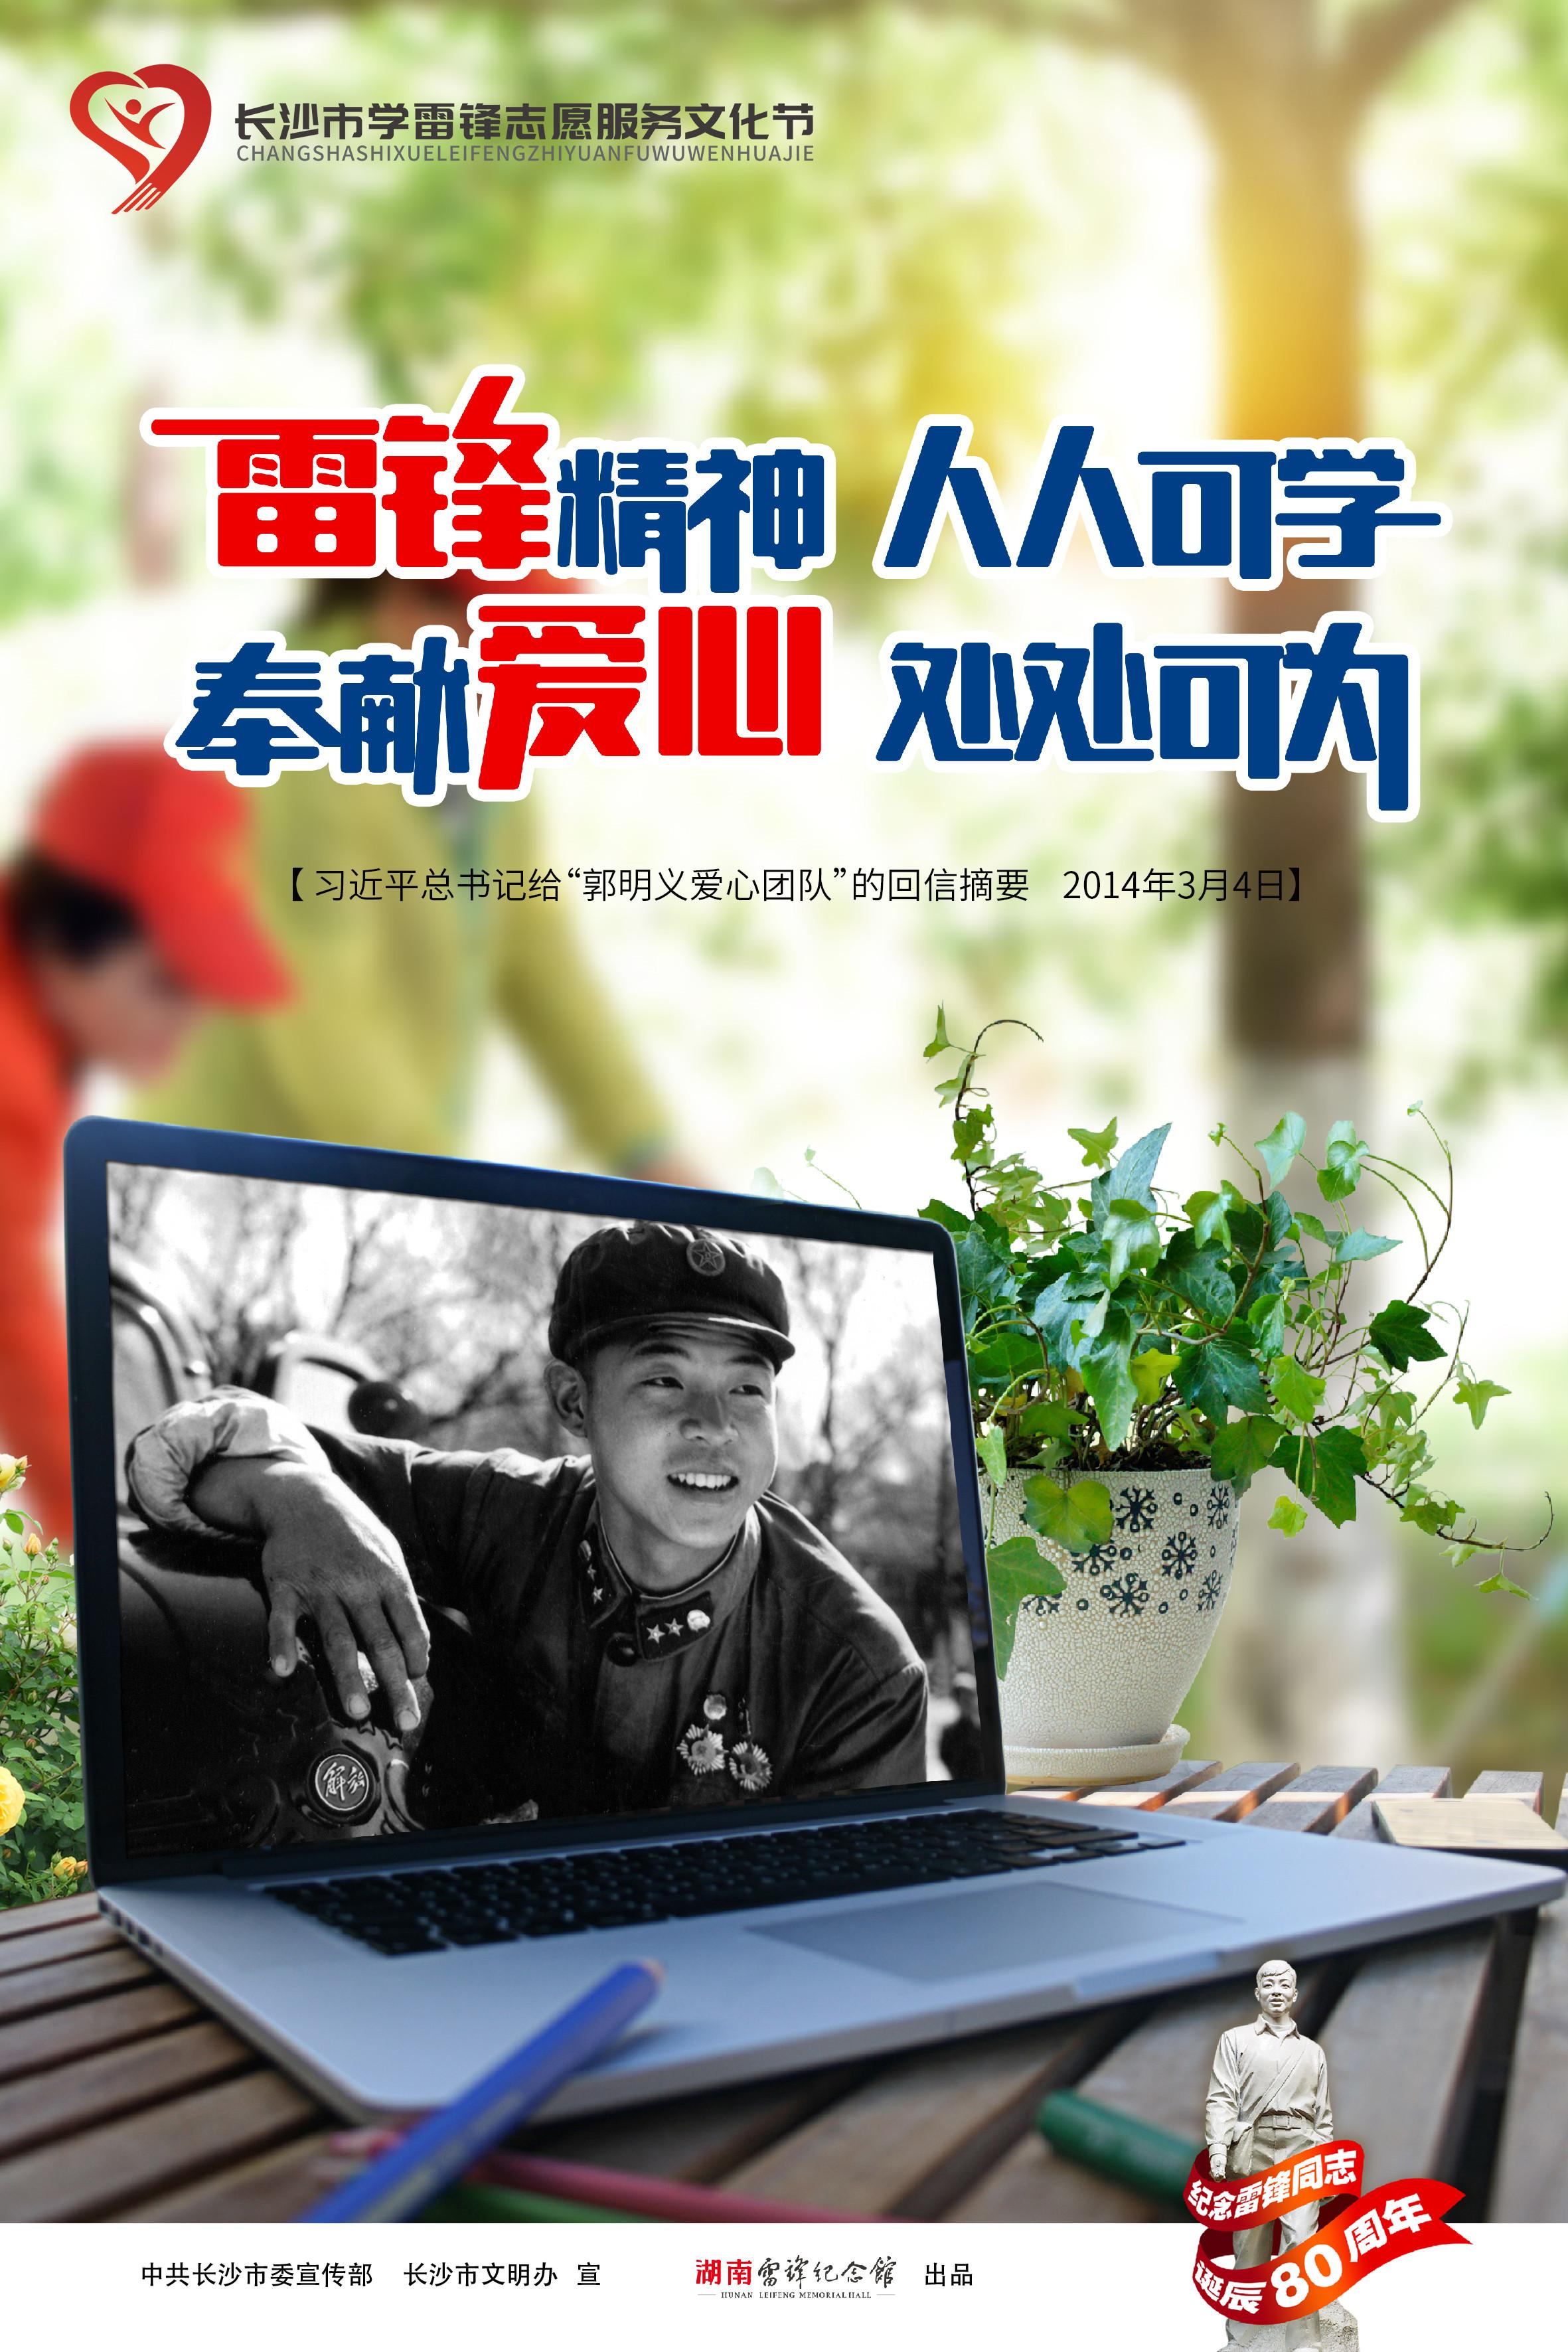 08-雷锋公益广告(竖版)有标_副本.jpg